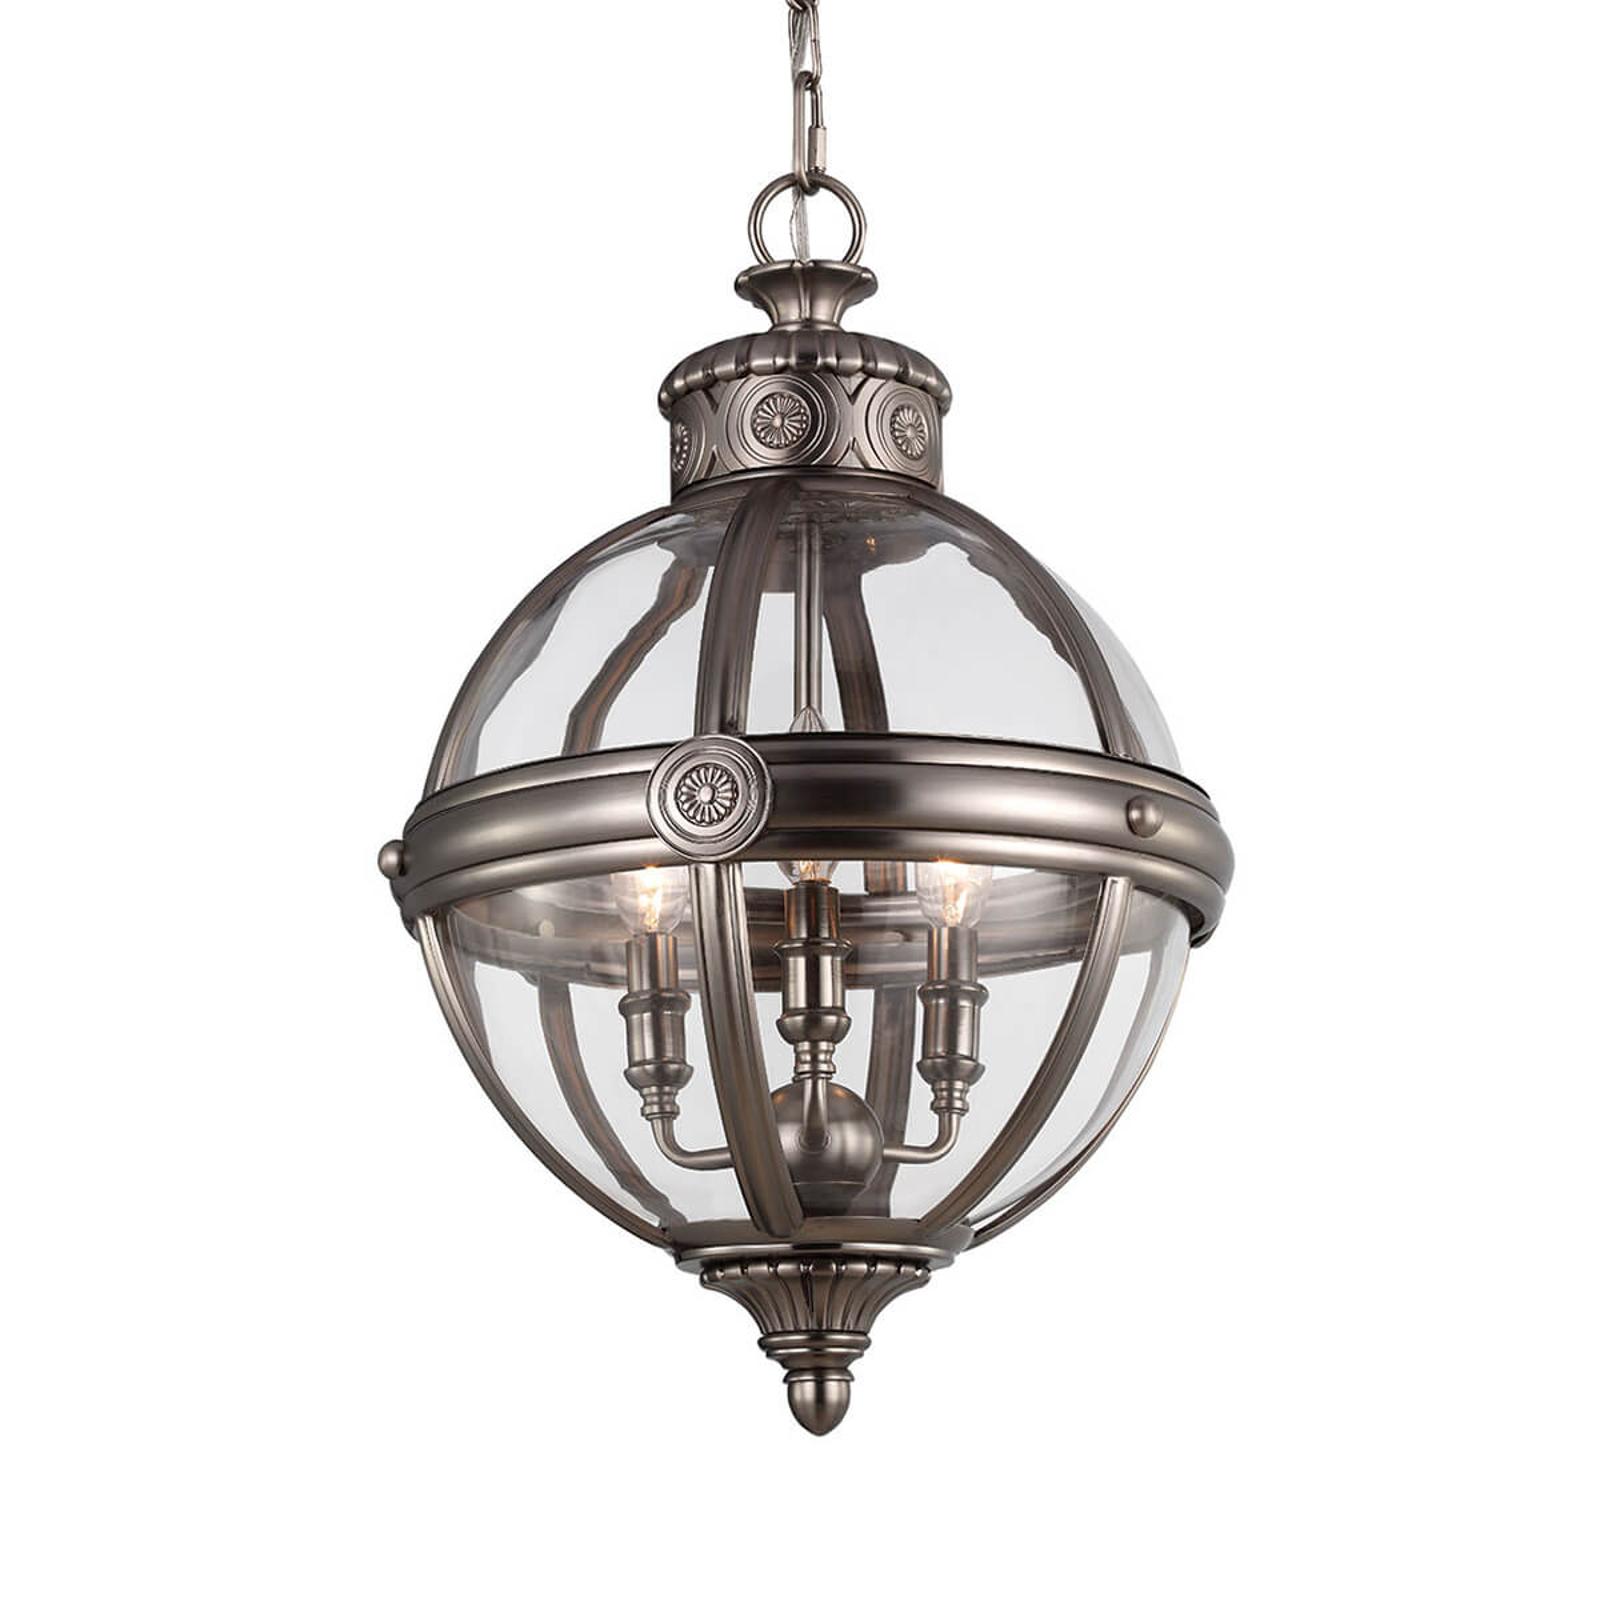 Adams hængelampe, Ø 37 cm, nikkel